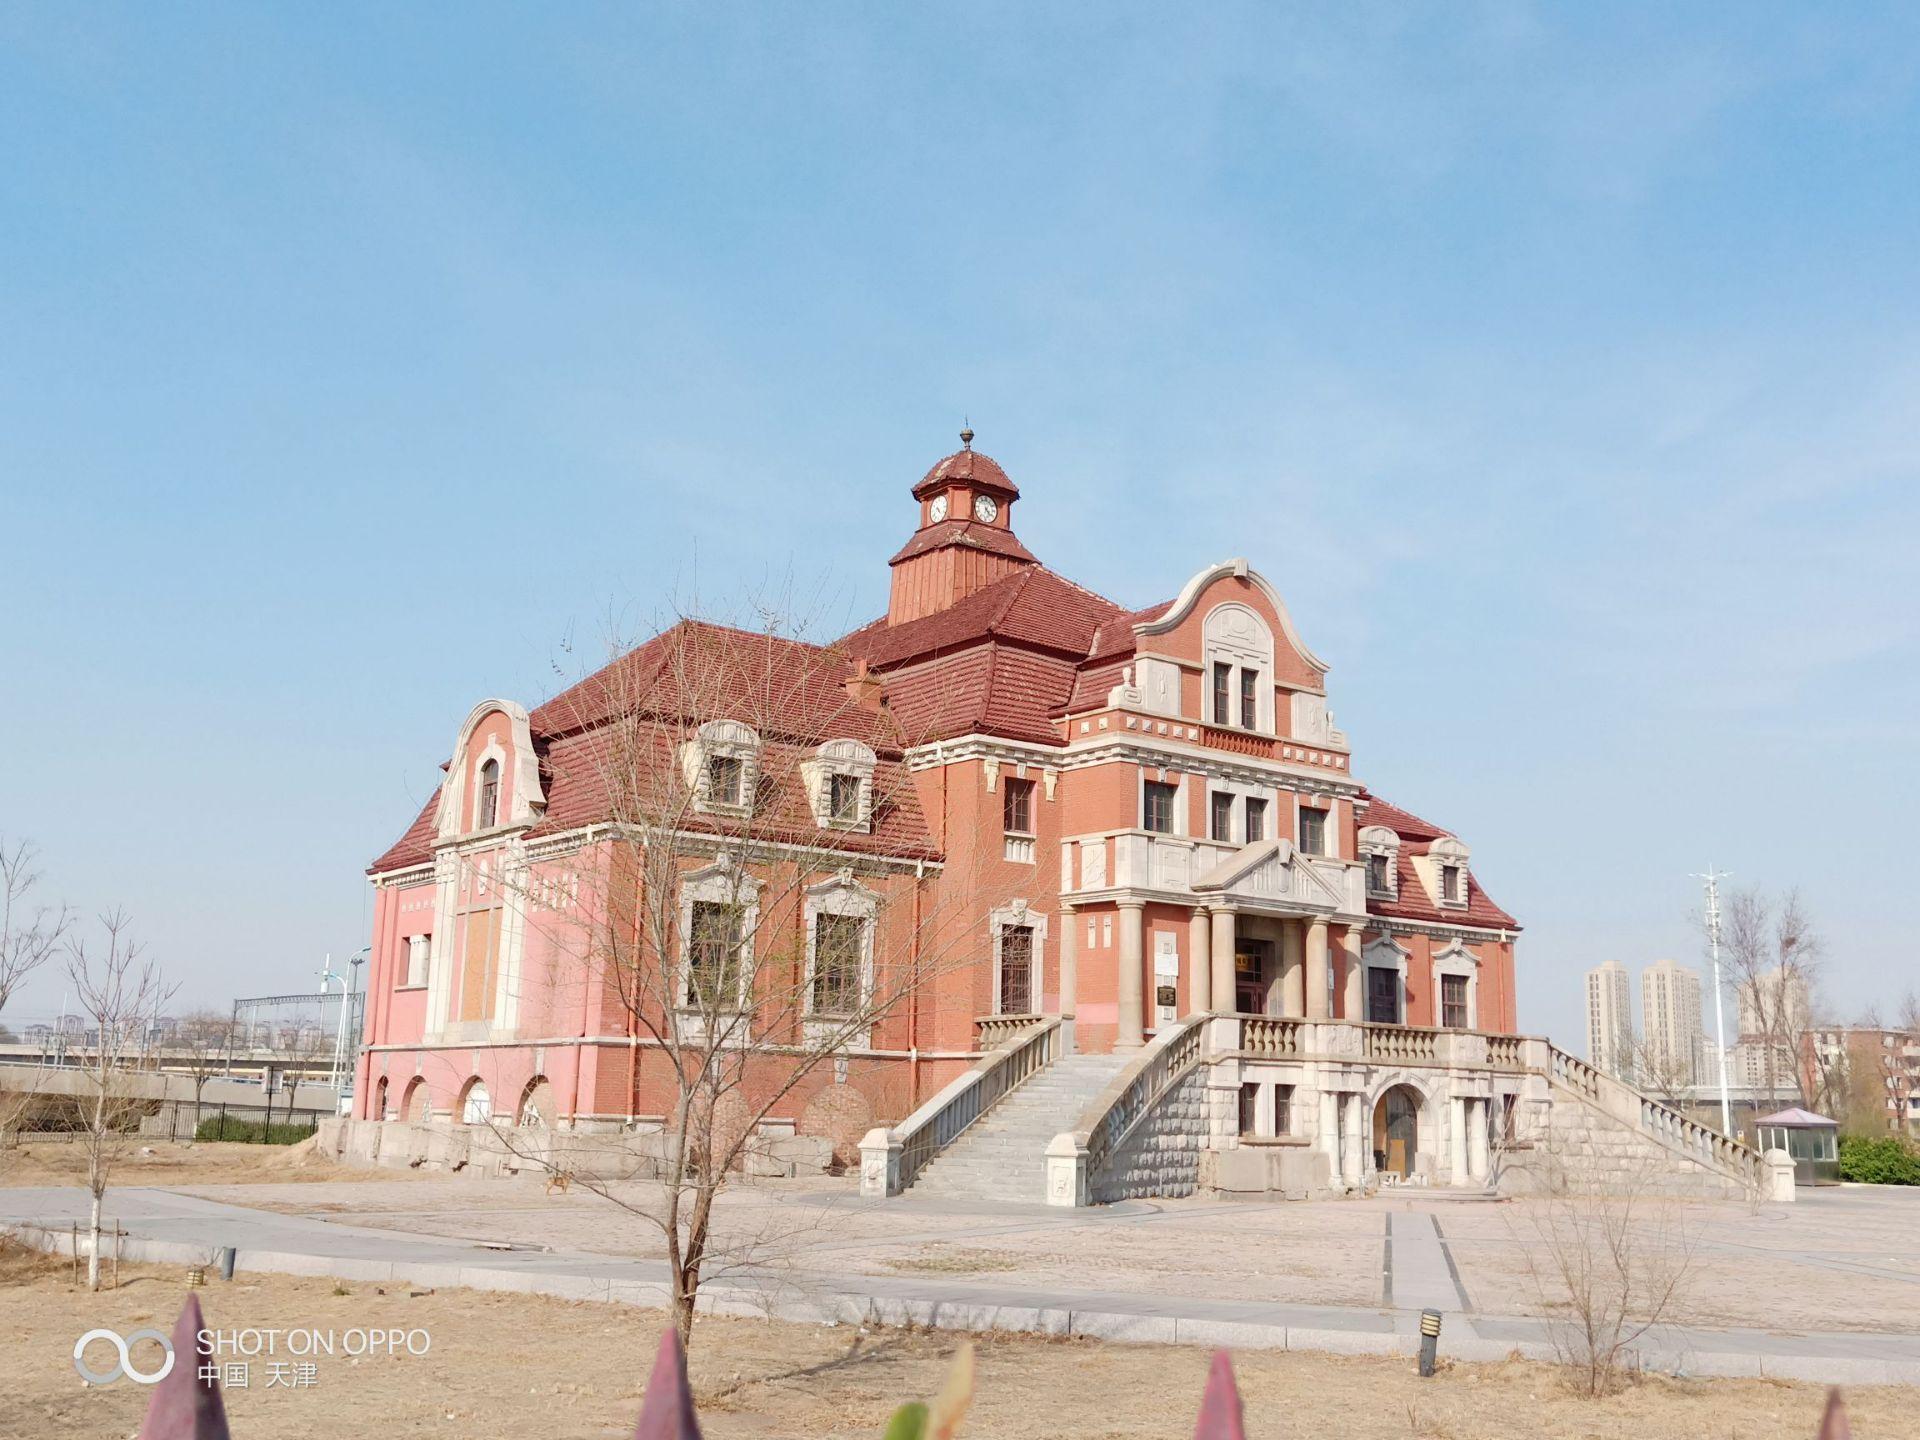 Chengwuxian Shiyan Zhongxue Park Amusement Park